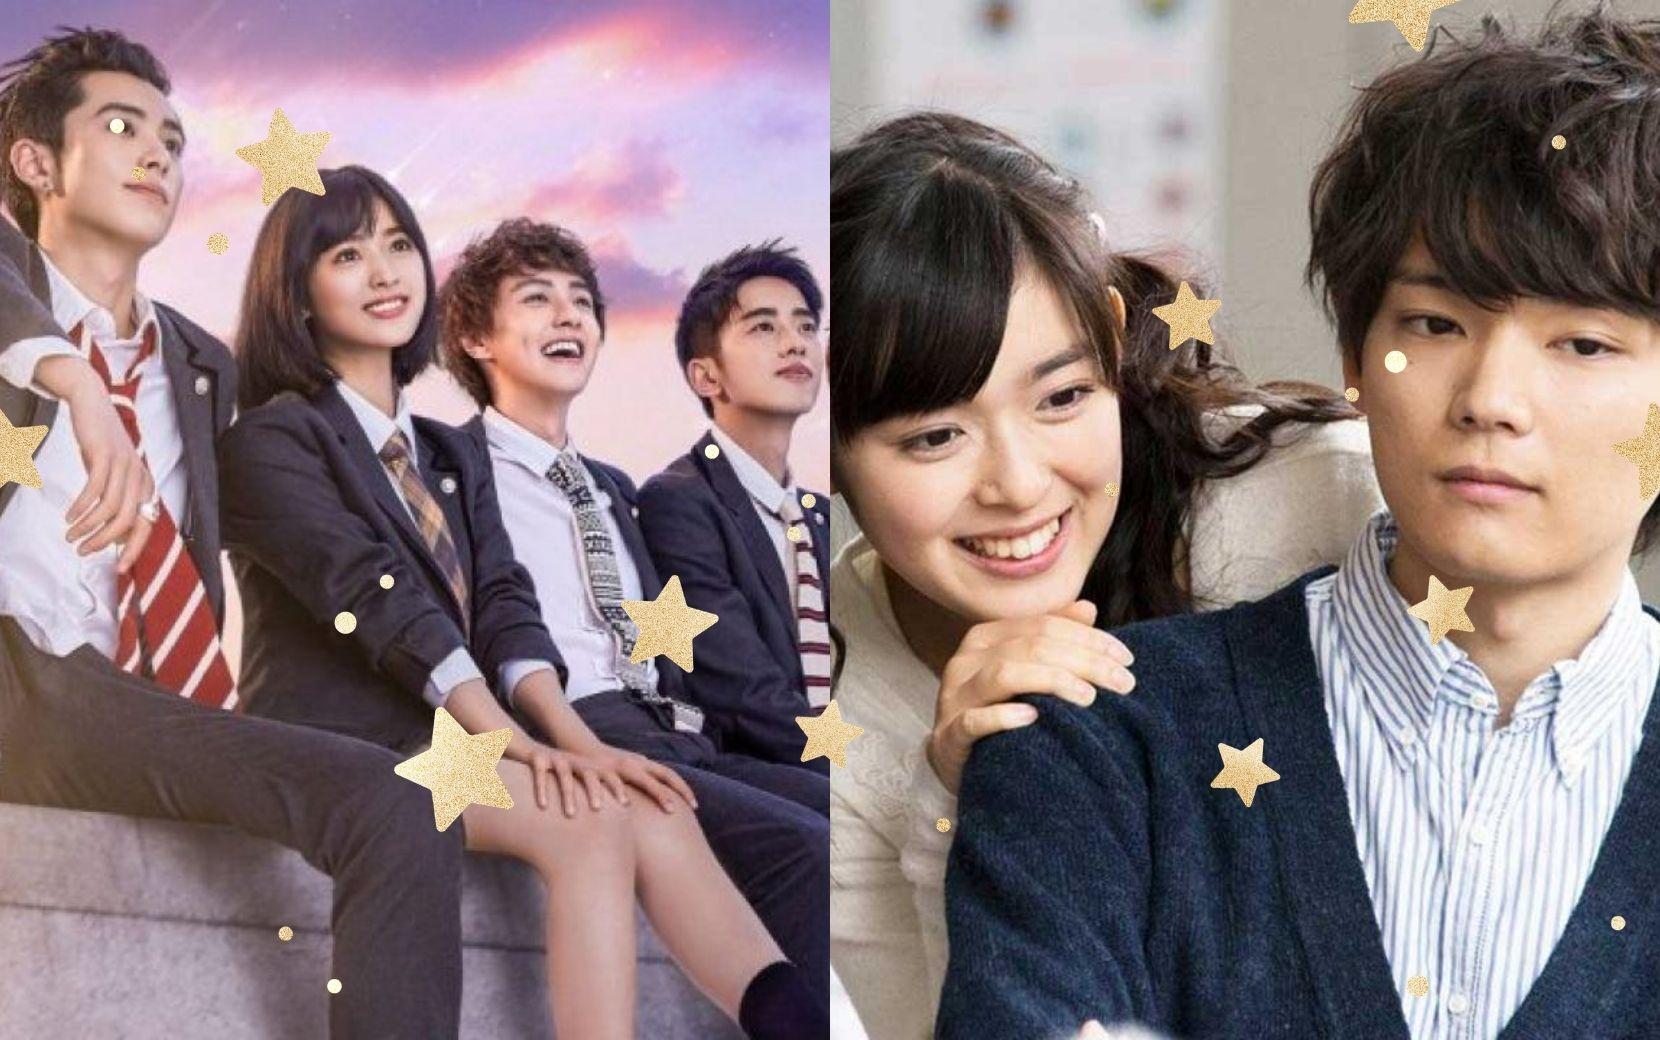 Dorama: saiba tudo sobre a febre dos dramas asiáticos!